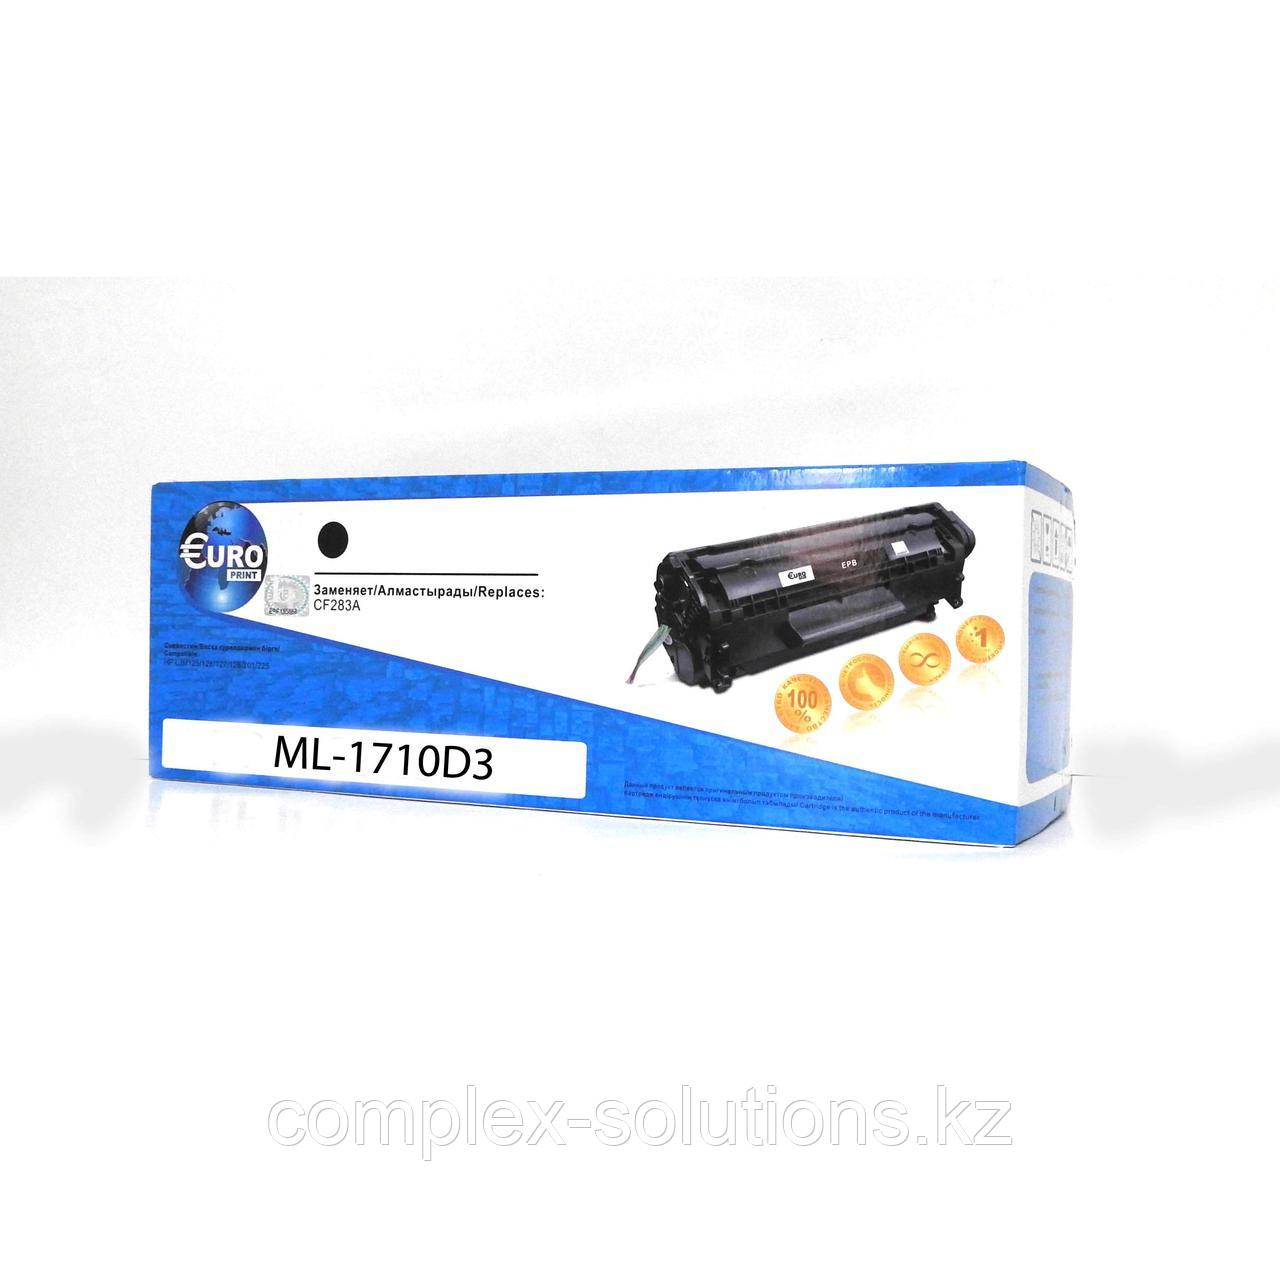 Картридж SAMSUNG ML-1710D3 Euro Print | [качественный дубликат]